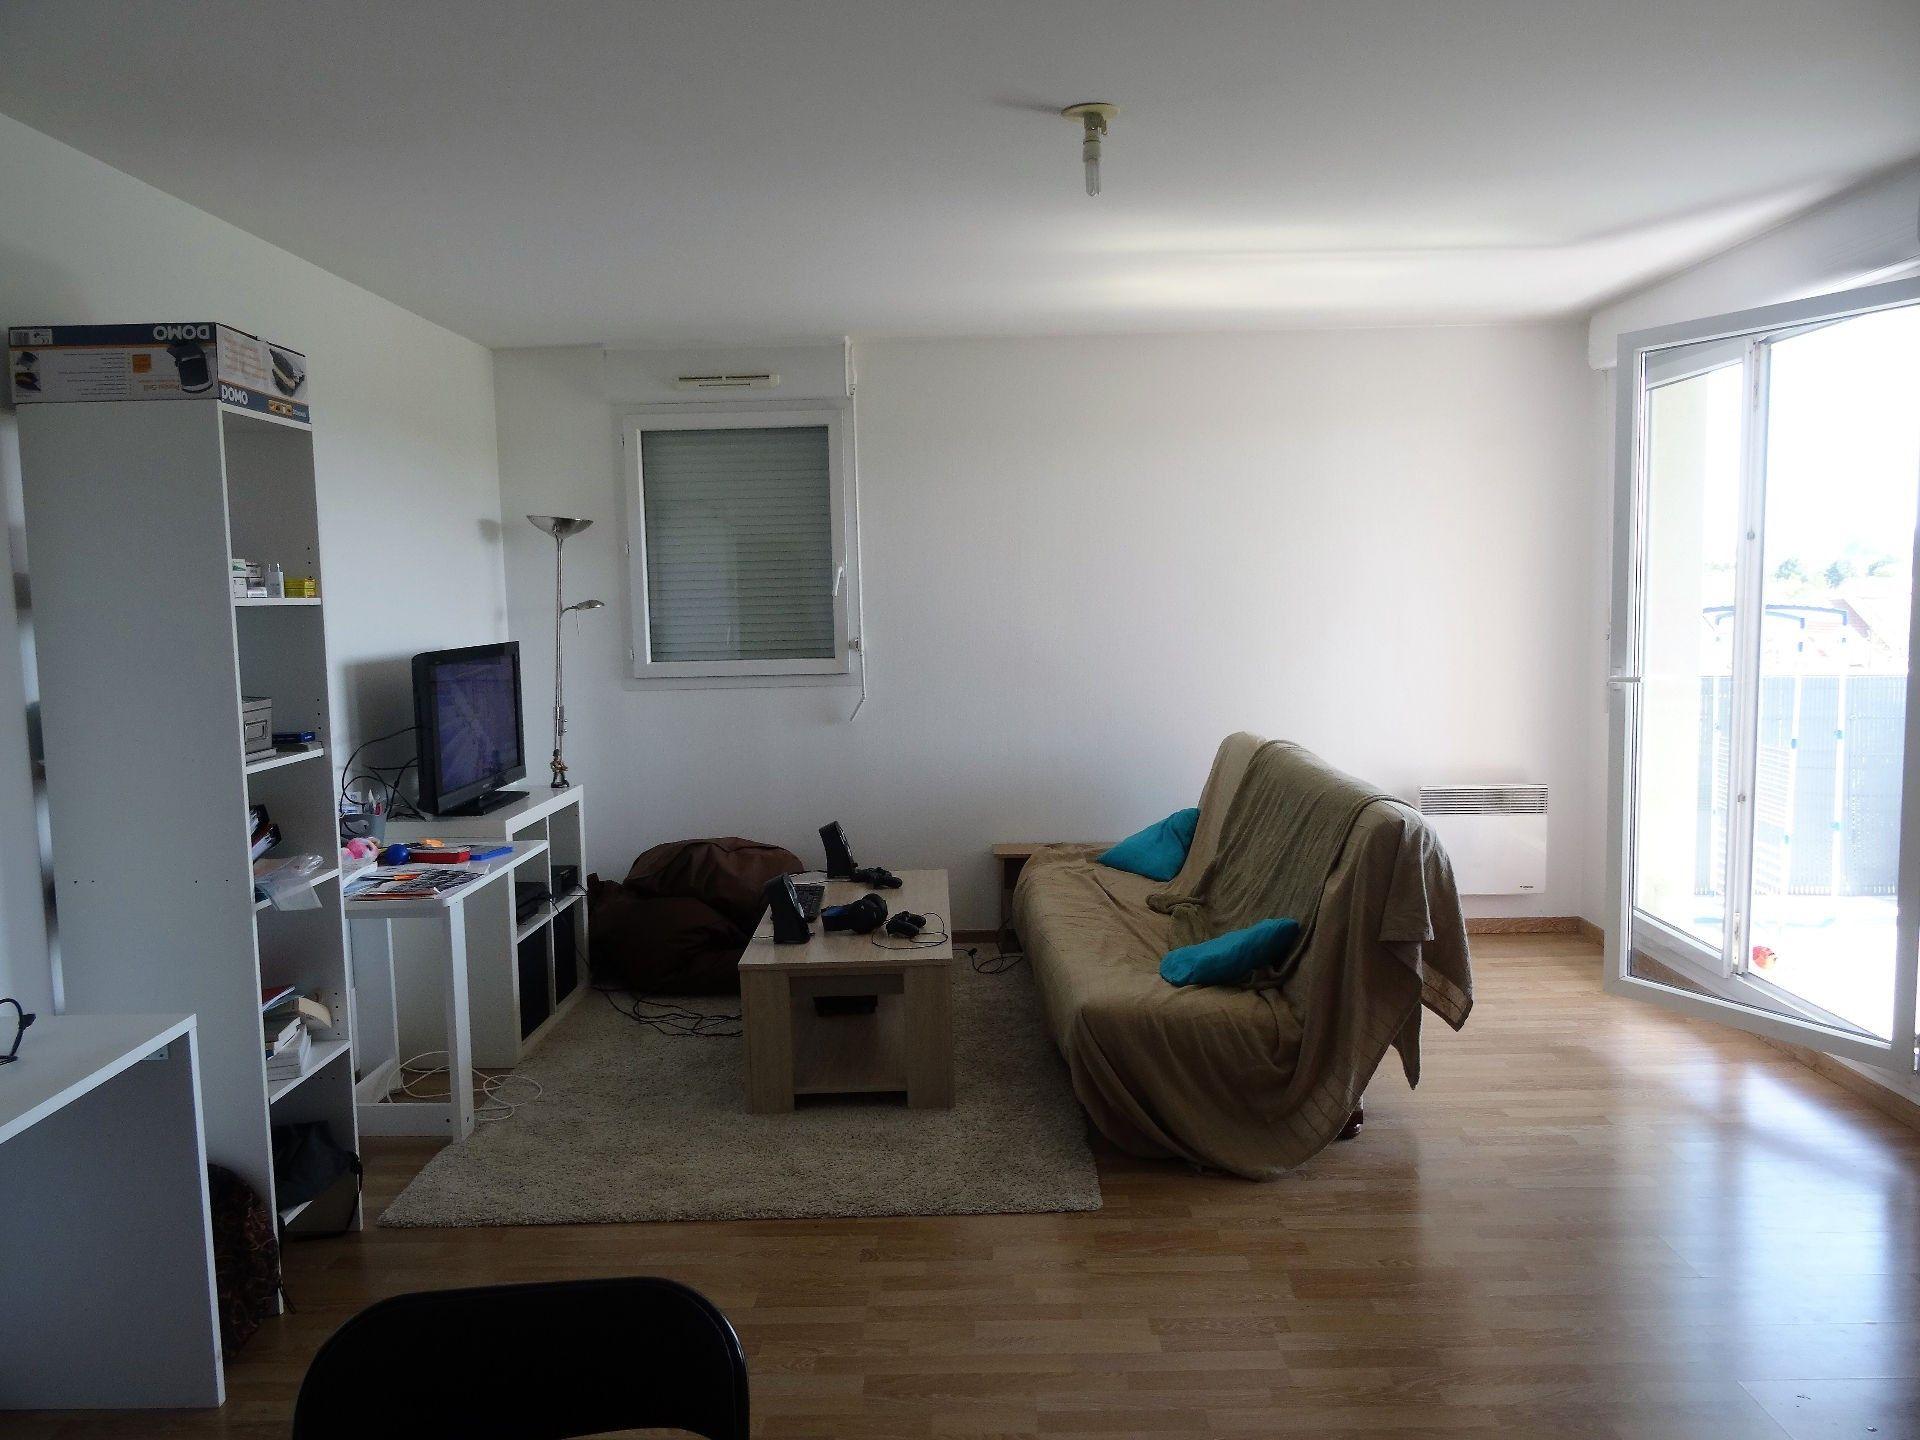 Fresh Le Bon Coin Immobilier Poitiers Le Bon Coin Immobilier Appartement Idees Pour La Maison